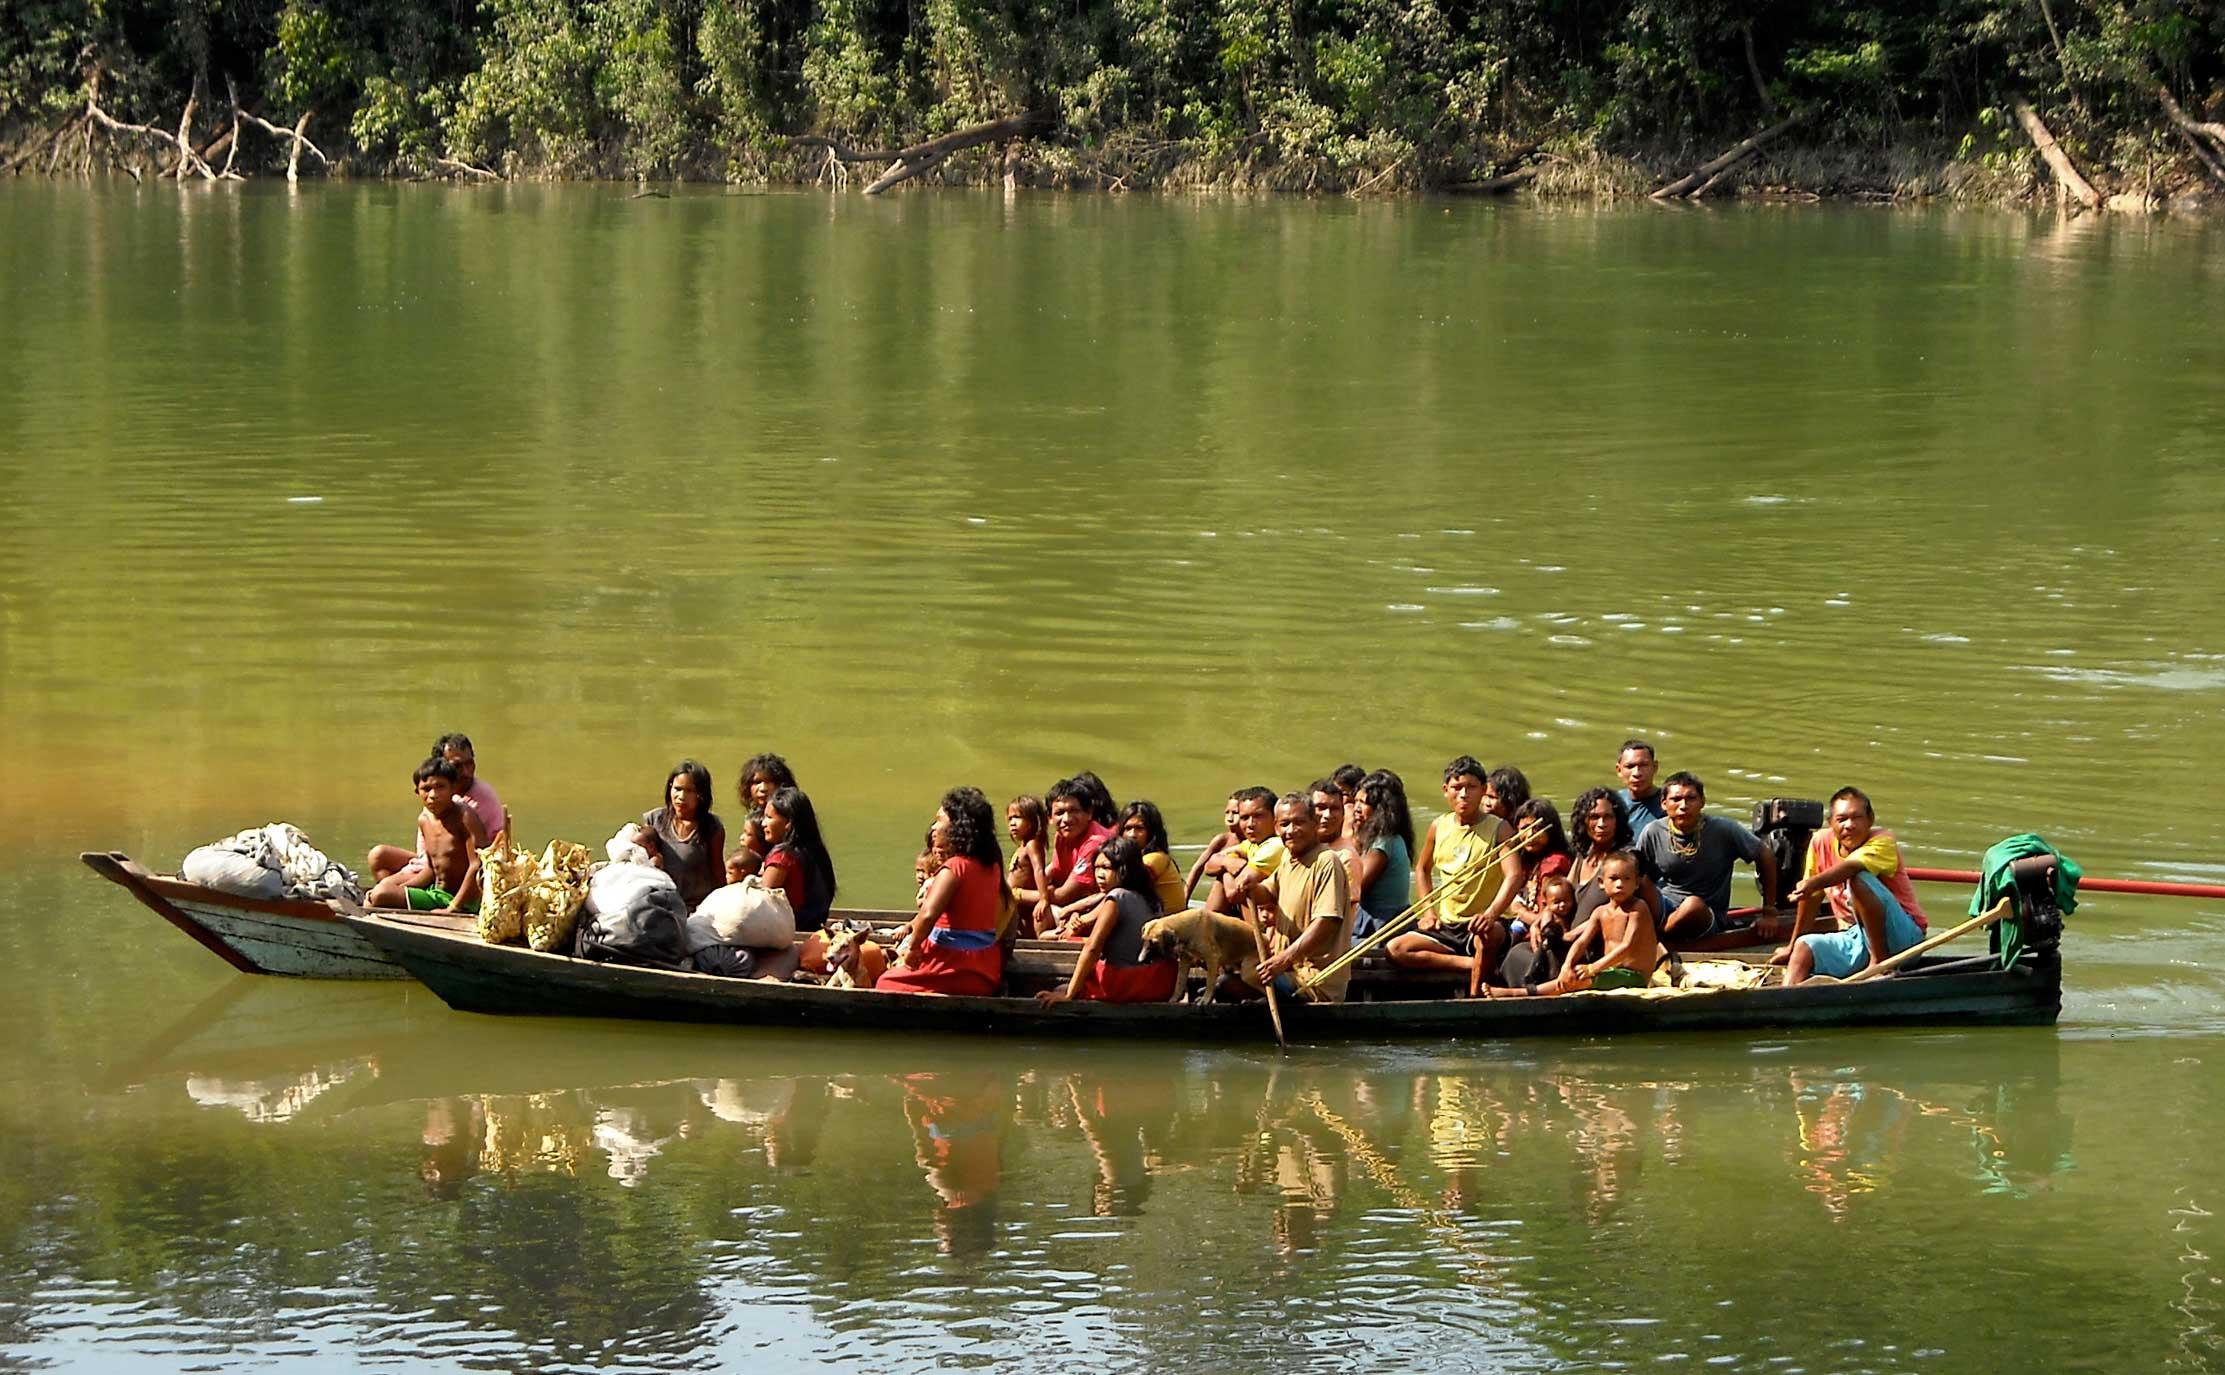 Пираха — самые счастливые люди Планеты. (О том, как христианский миссионер стал атеистом в джунглях бразильской Амазонии)